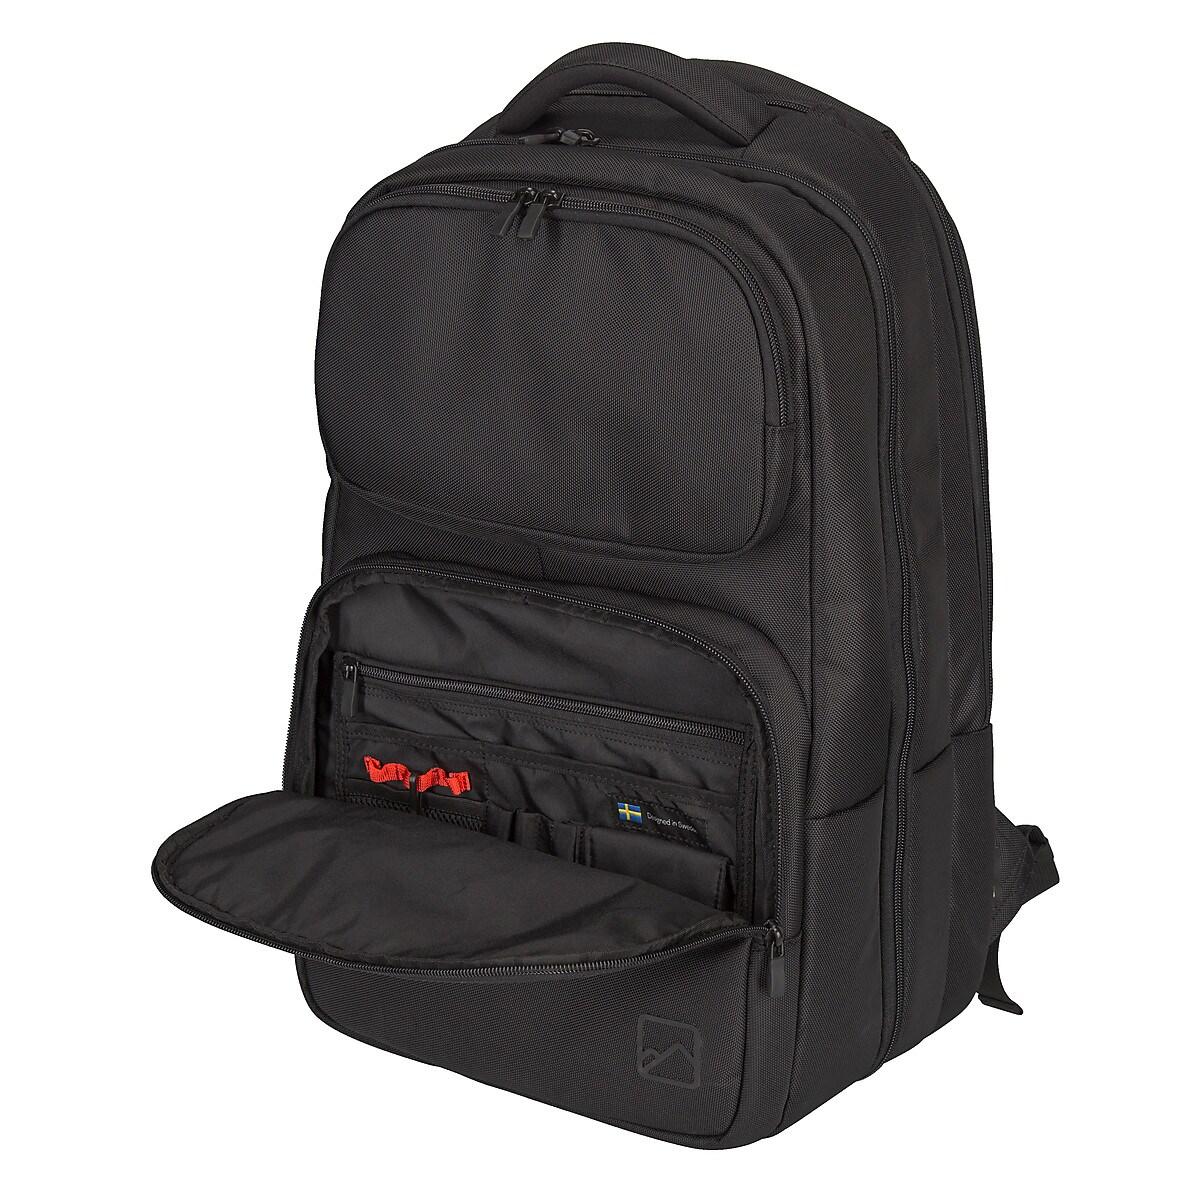 Asaklitt 38-Litre Backpack